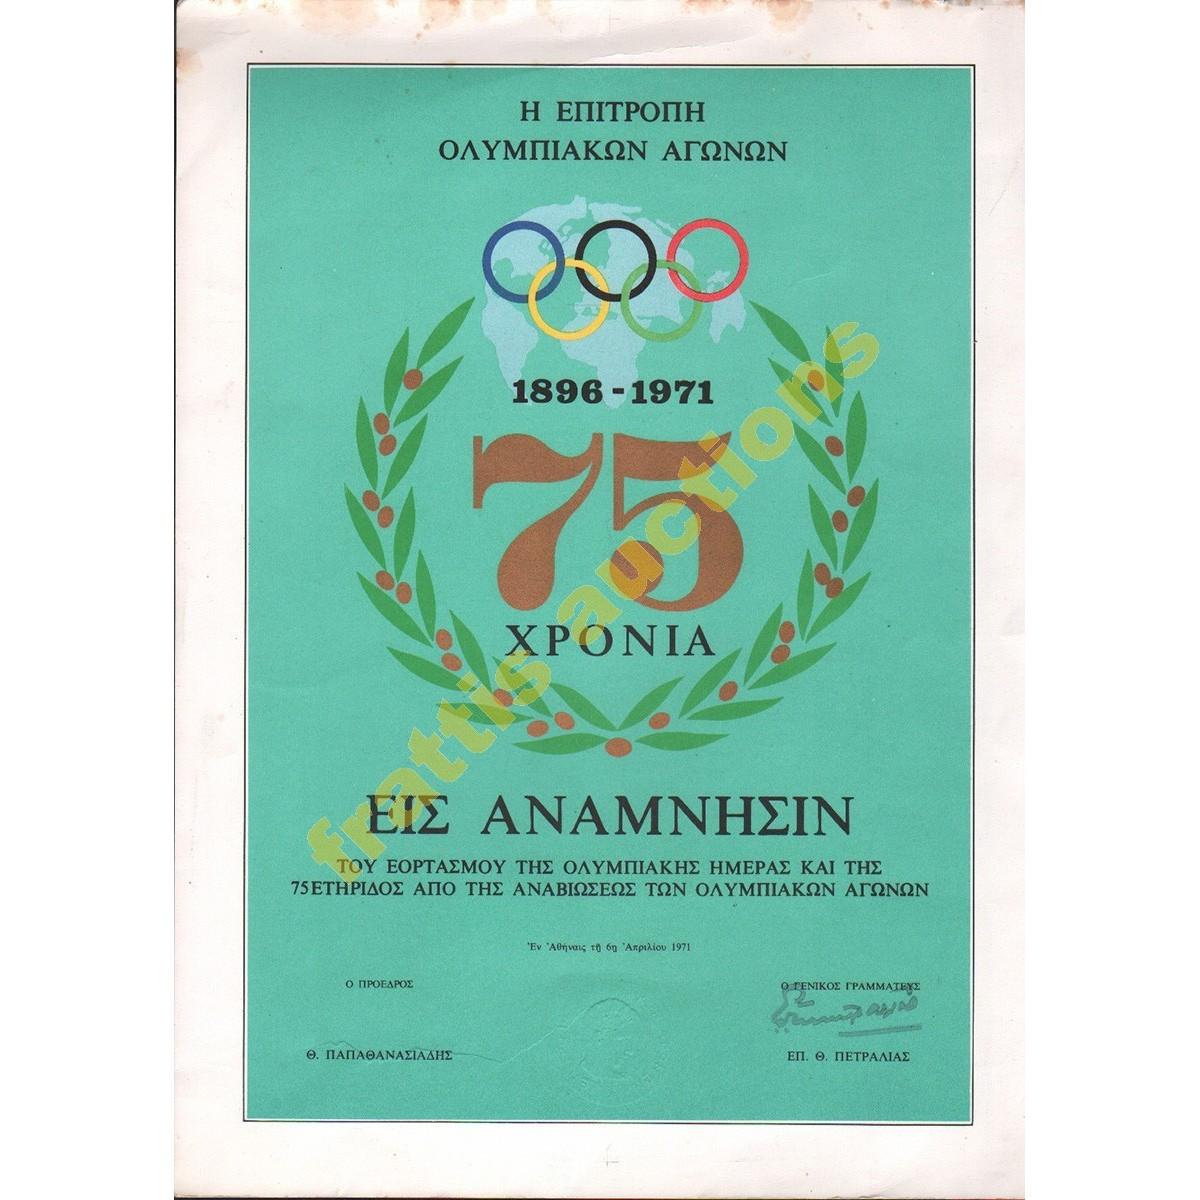 75 χρόνια εις ανάμνησιν, αφίσα και μετάλλιο.